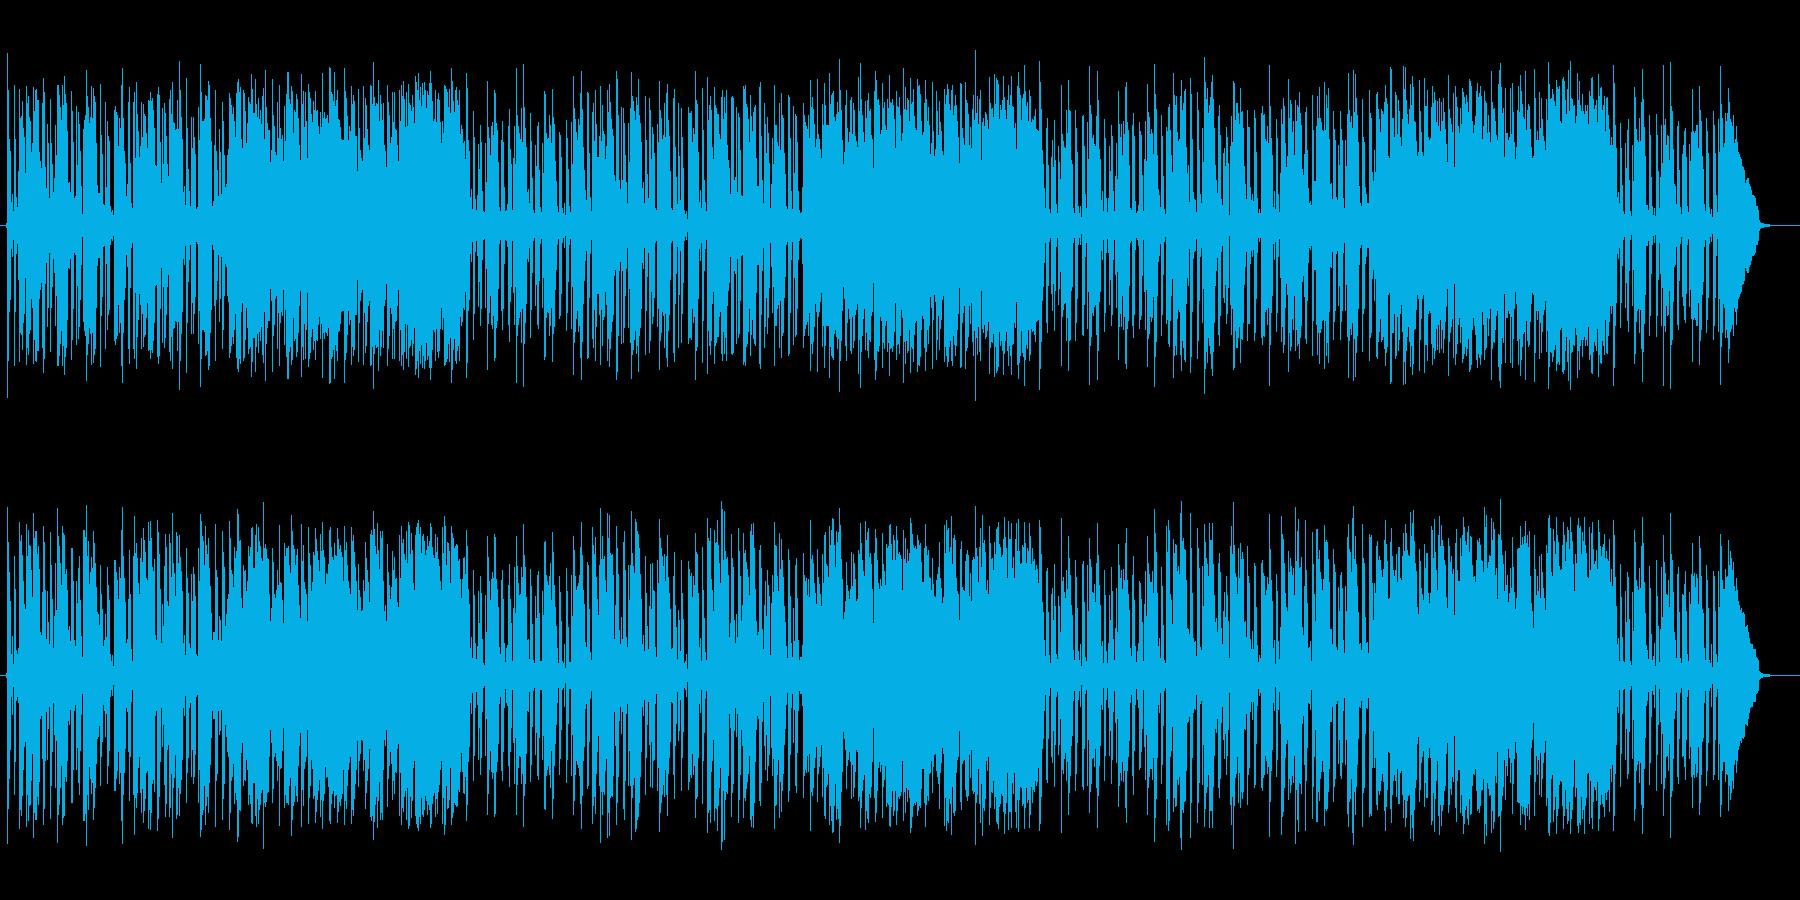 軽快で跳ねるリズムが特徴のポップスの再生済みの波形